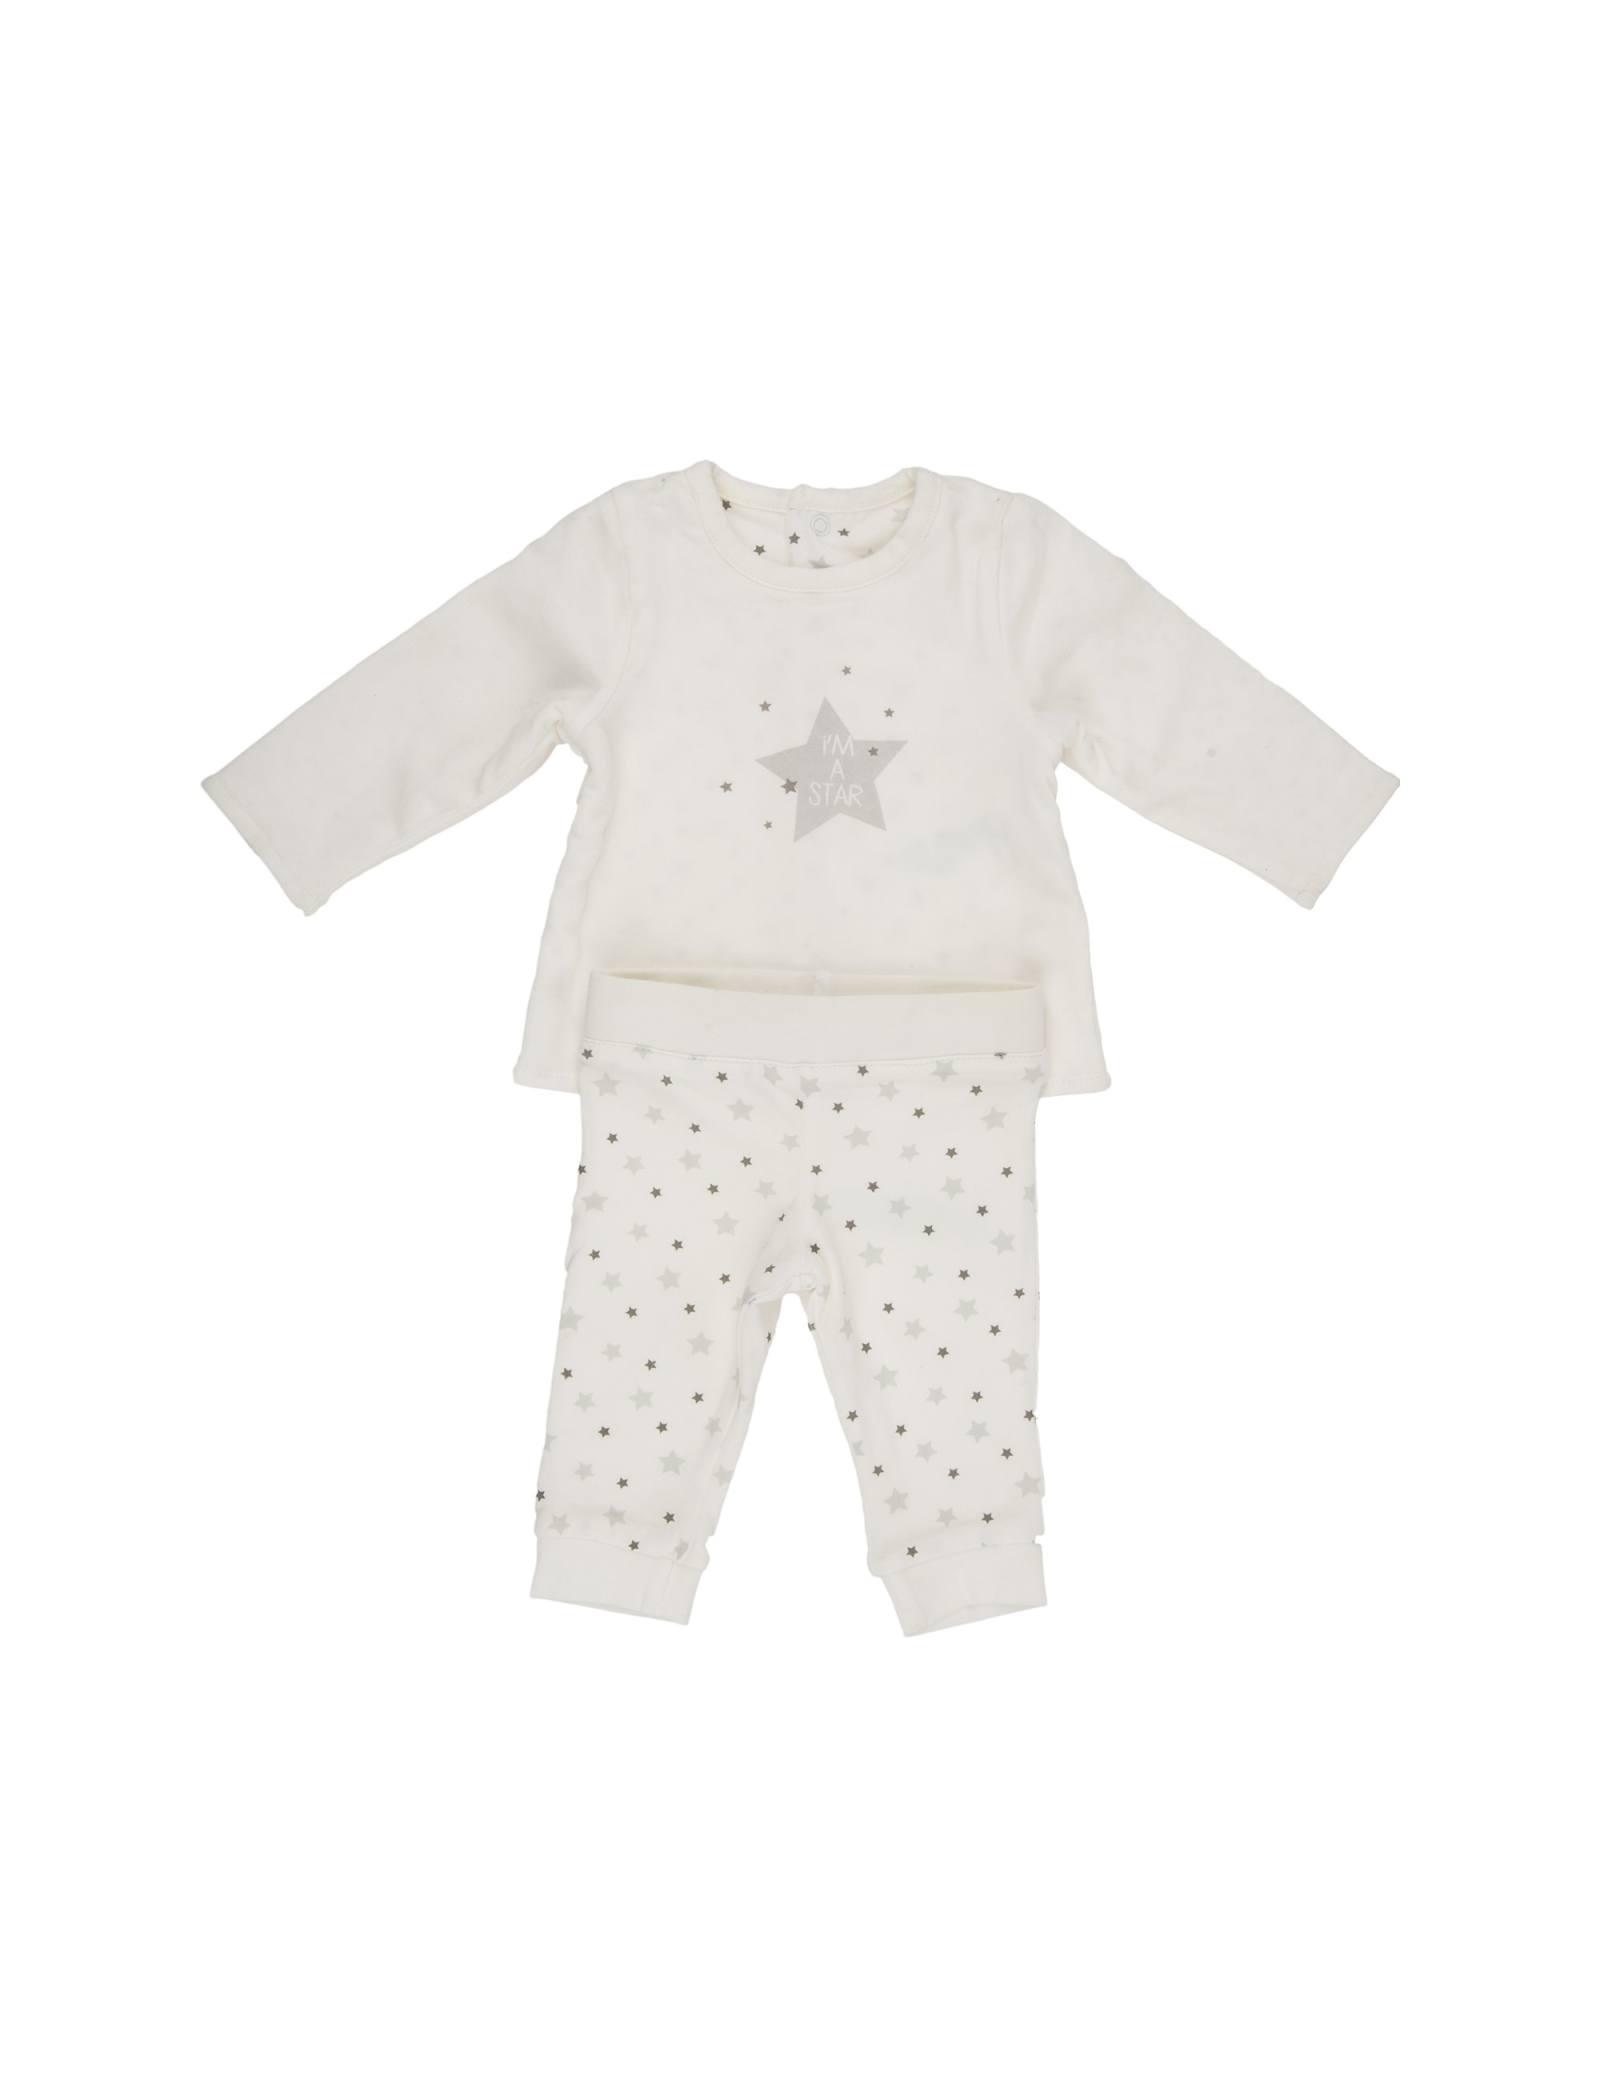 بلوز و شلوار راحتی نوزادی دخترانه - ارکسترا - سفيد - 1